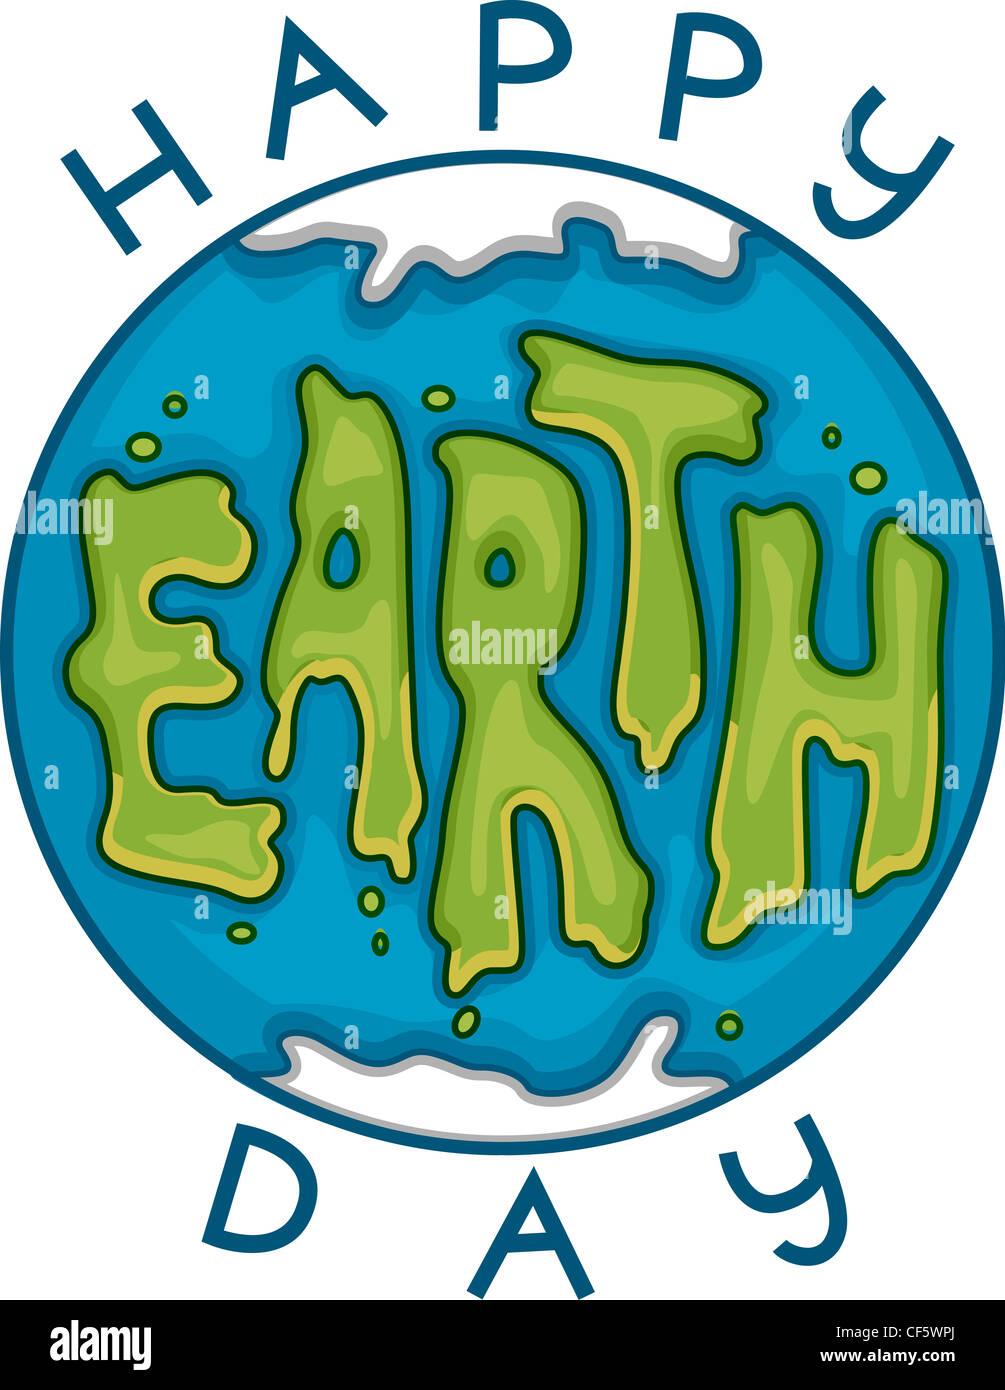 La célébration de la Journée de la Terre Illustration Photo Stock